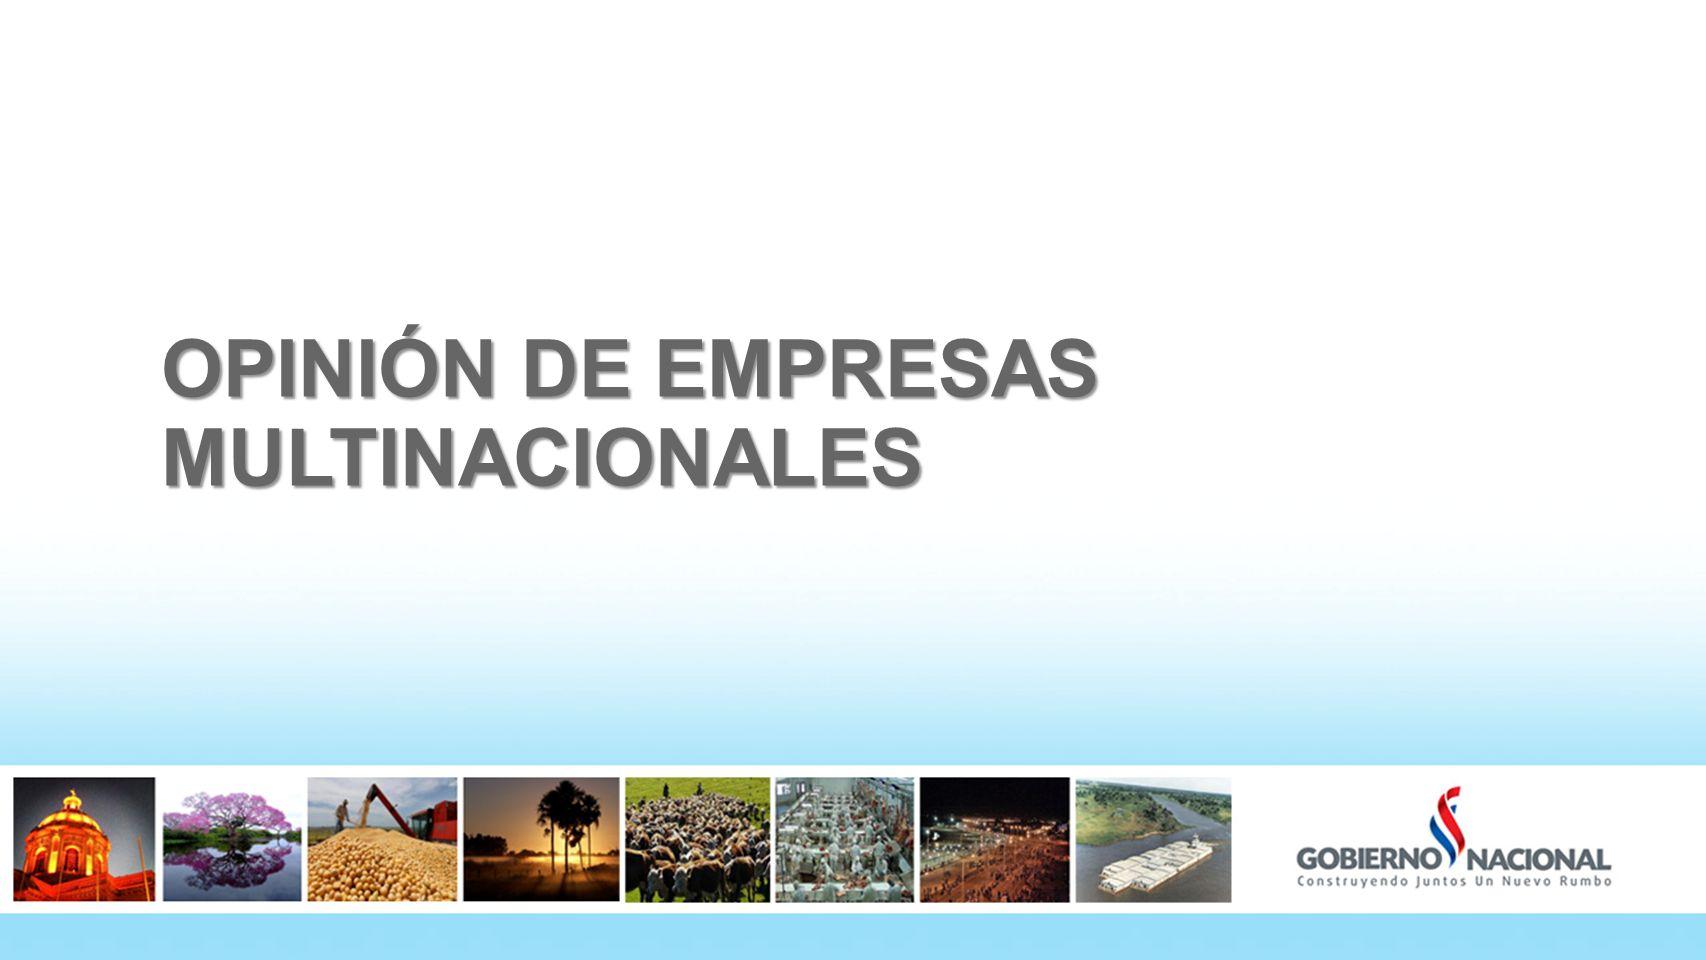 OPINIÓN DE EMPRESAS MULTINACIONALES